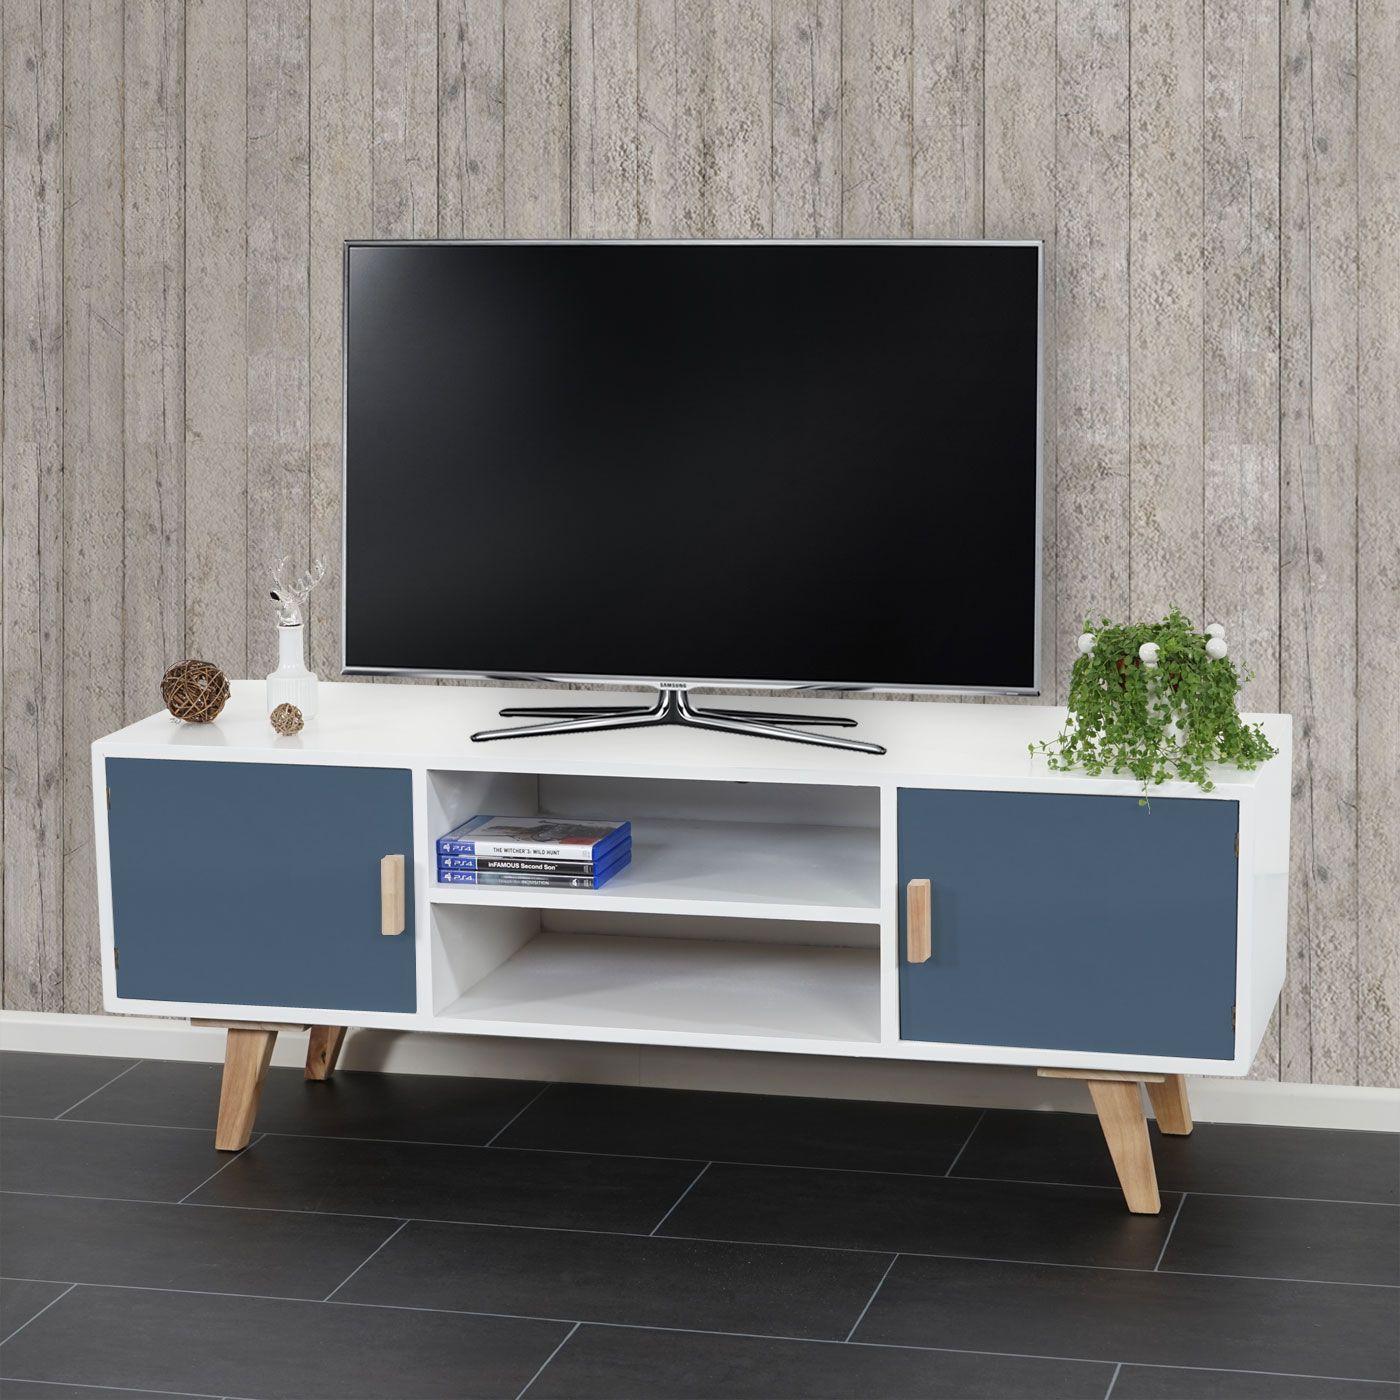 Lowboard Malmo T260 Tv Rack Fernsehtisch Retro Design 45x120x40cm Blaue Turen Fernsehtisch Wohnen Design